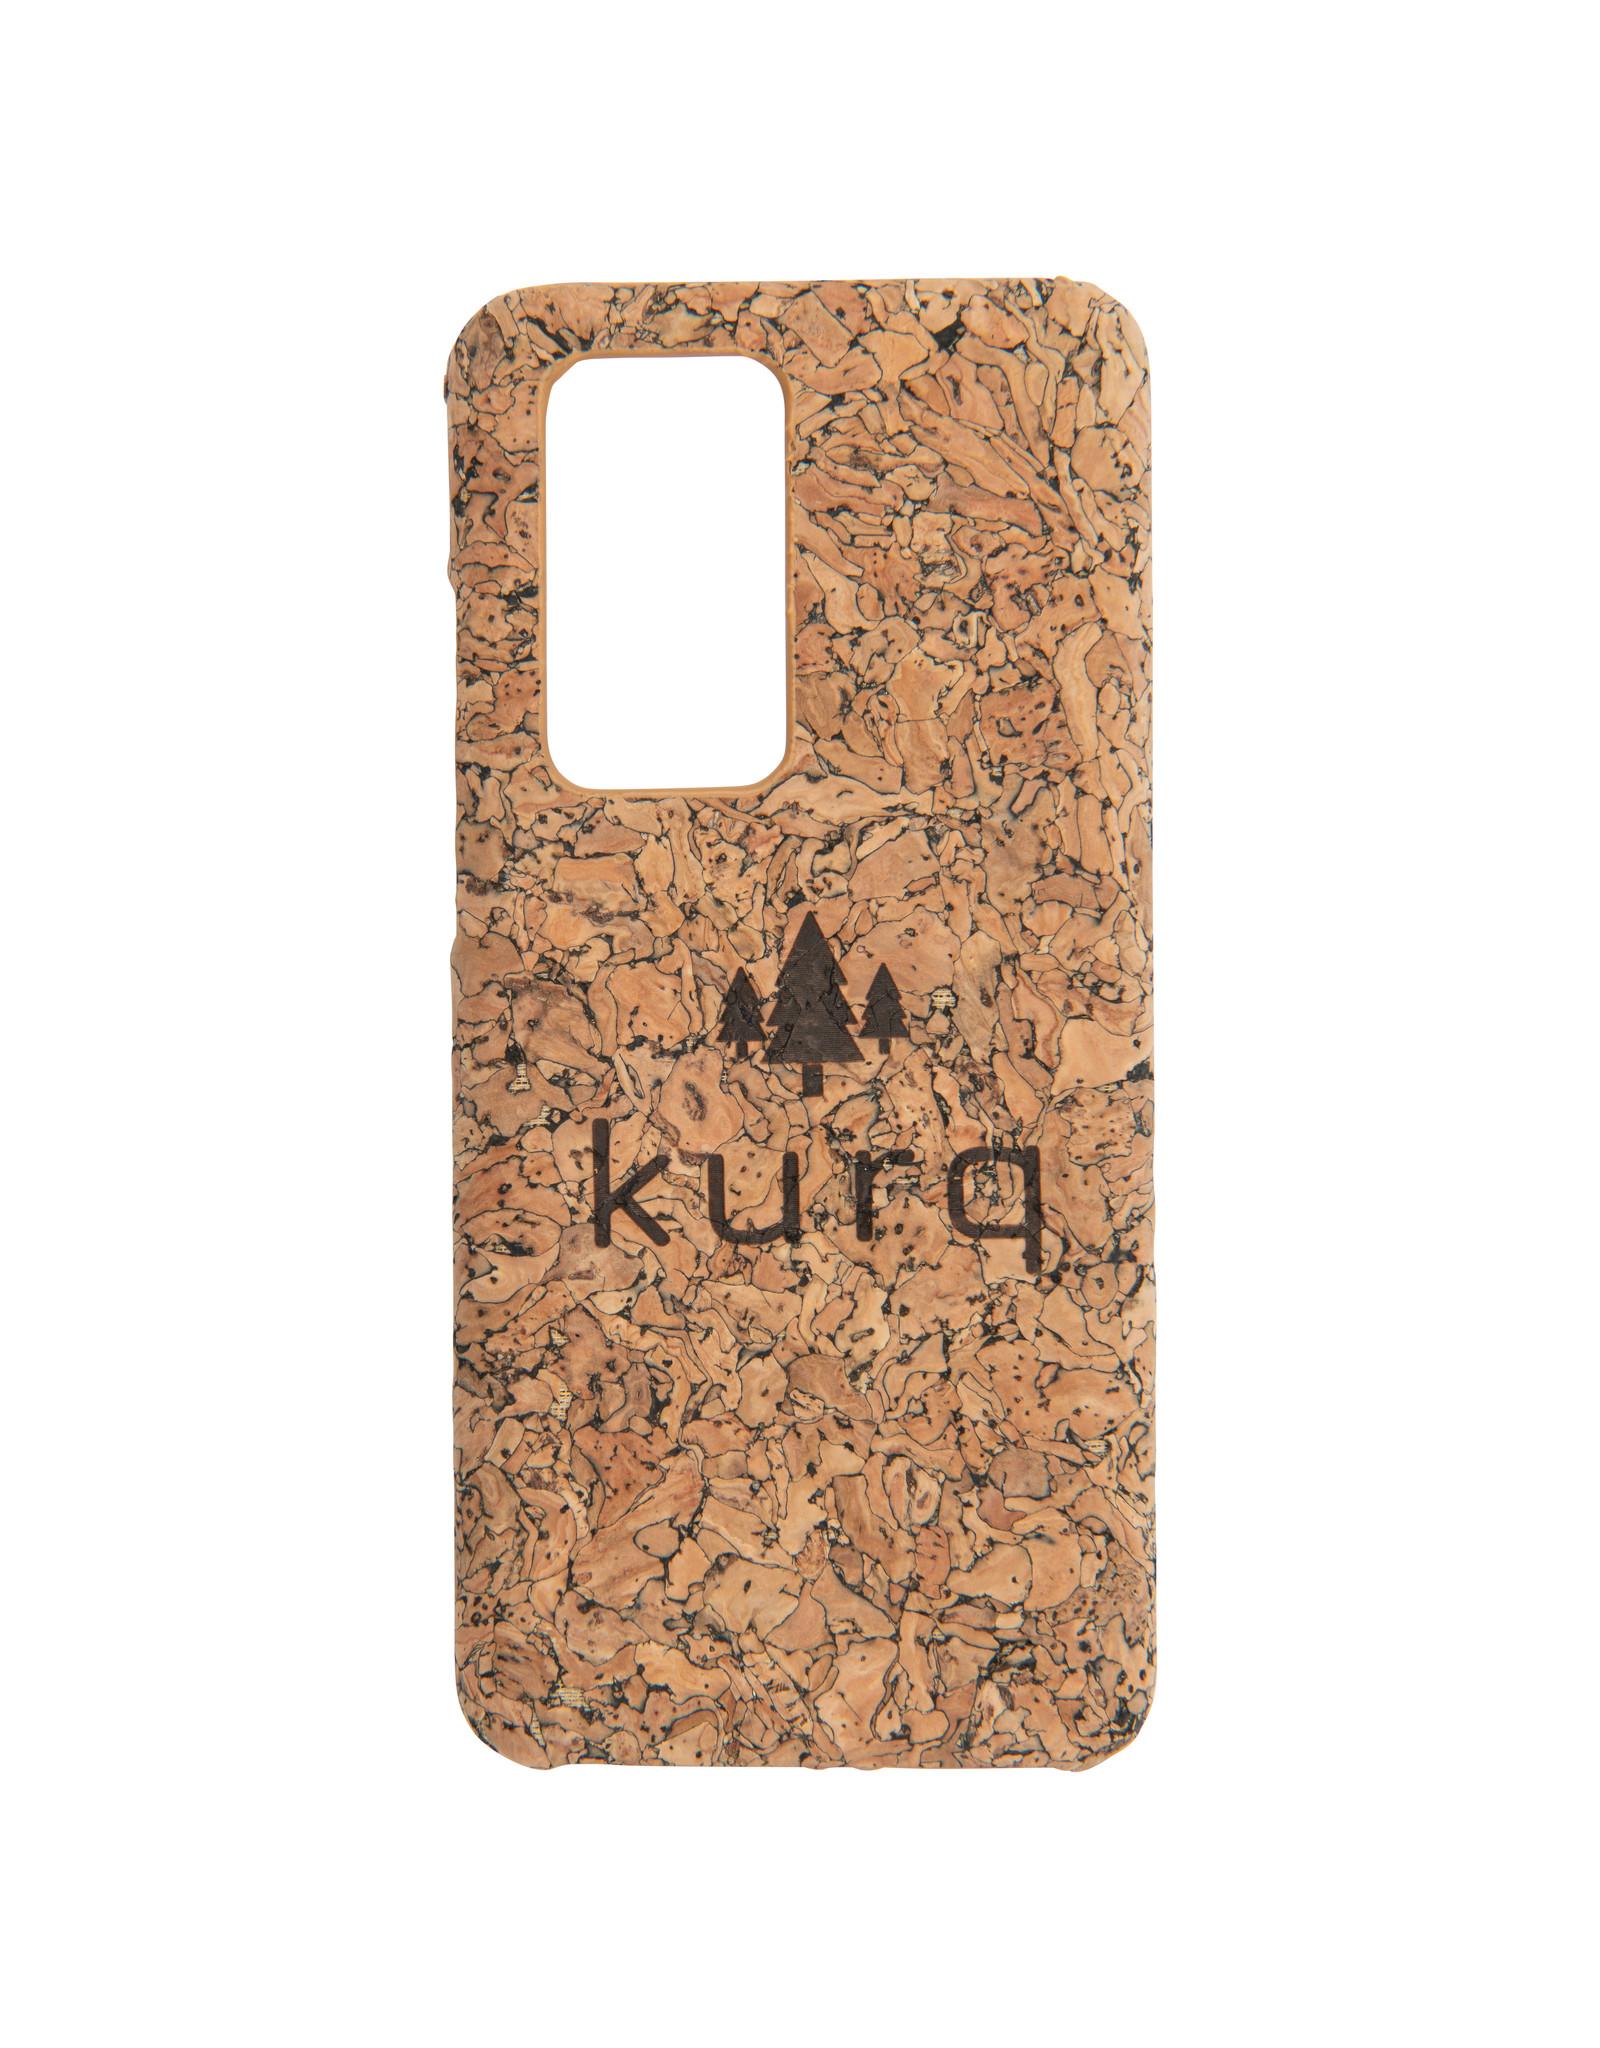 KURQ - Cork phone case for Huawei P40 Pro